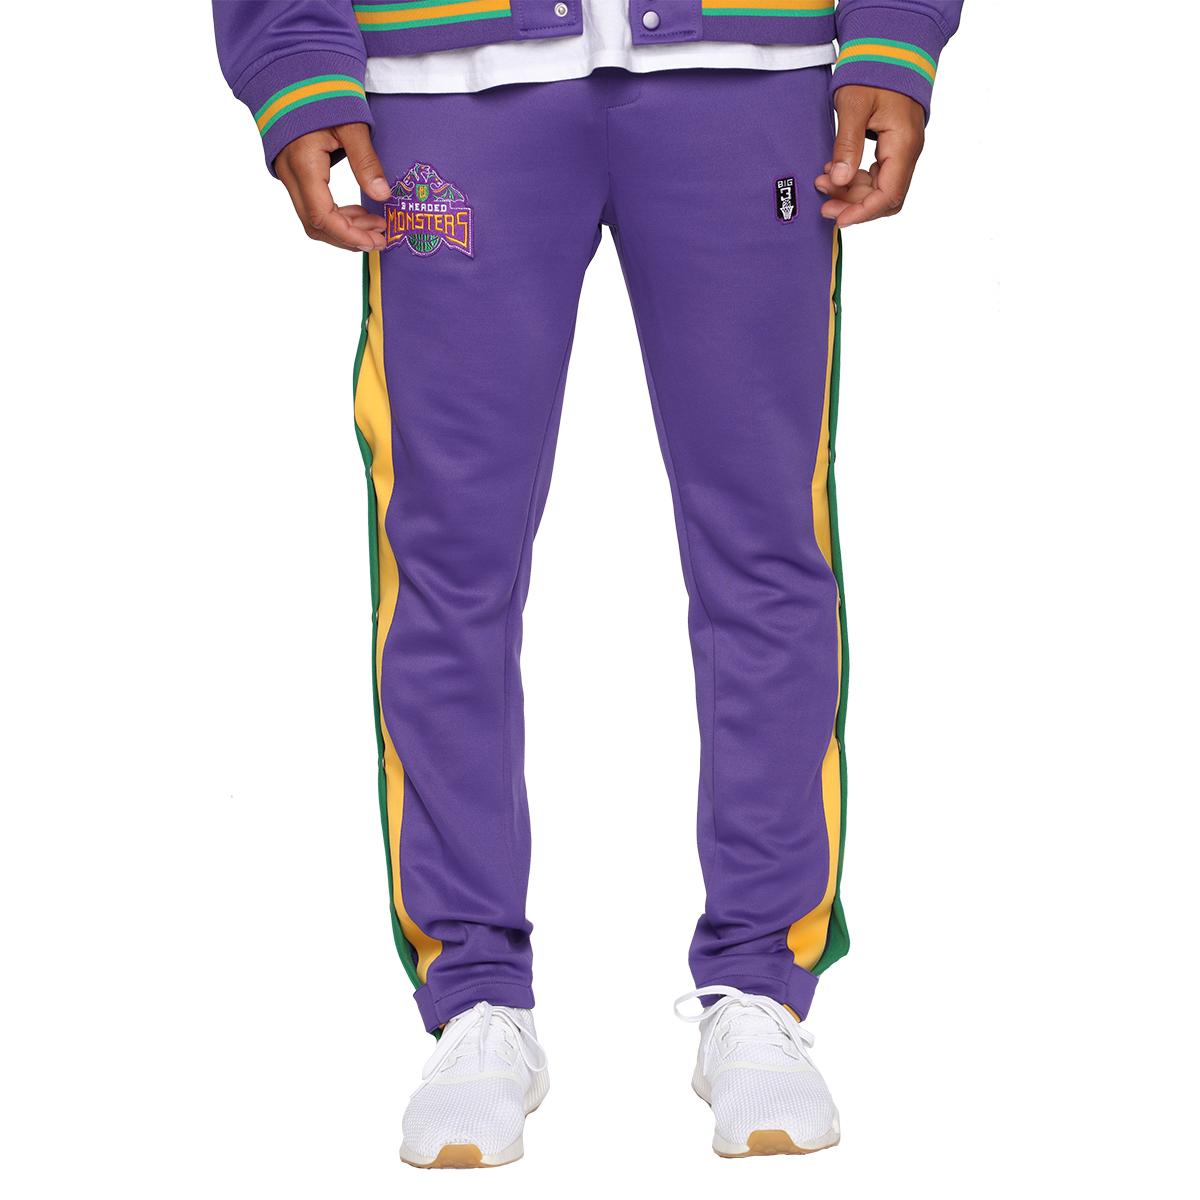 Team 3 Headed Monsters Joggers - Purple